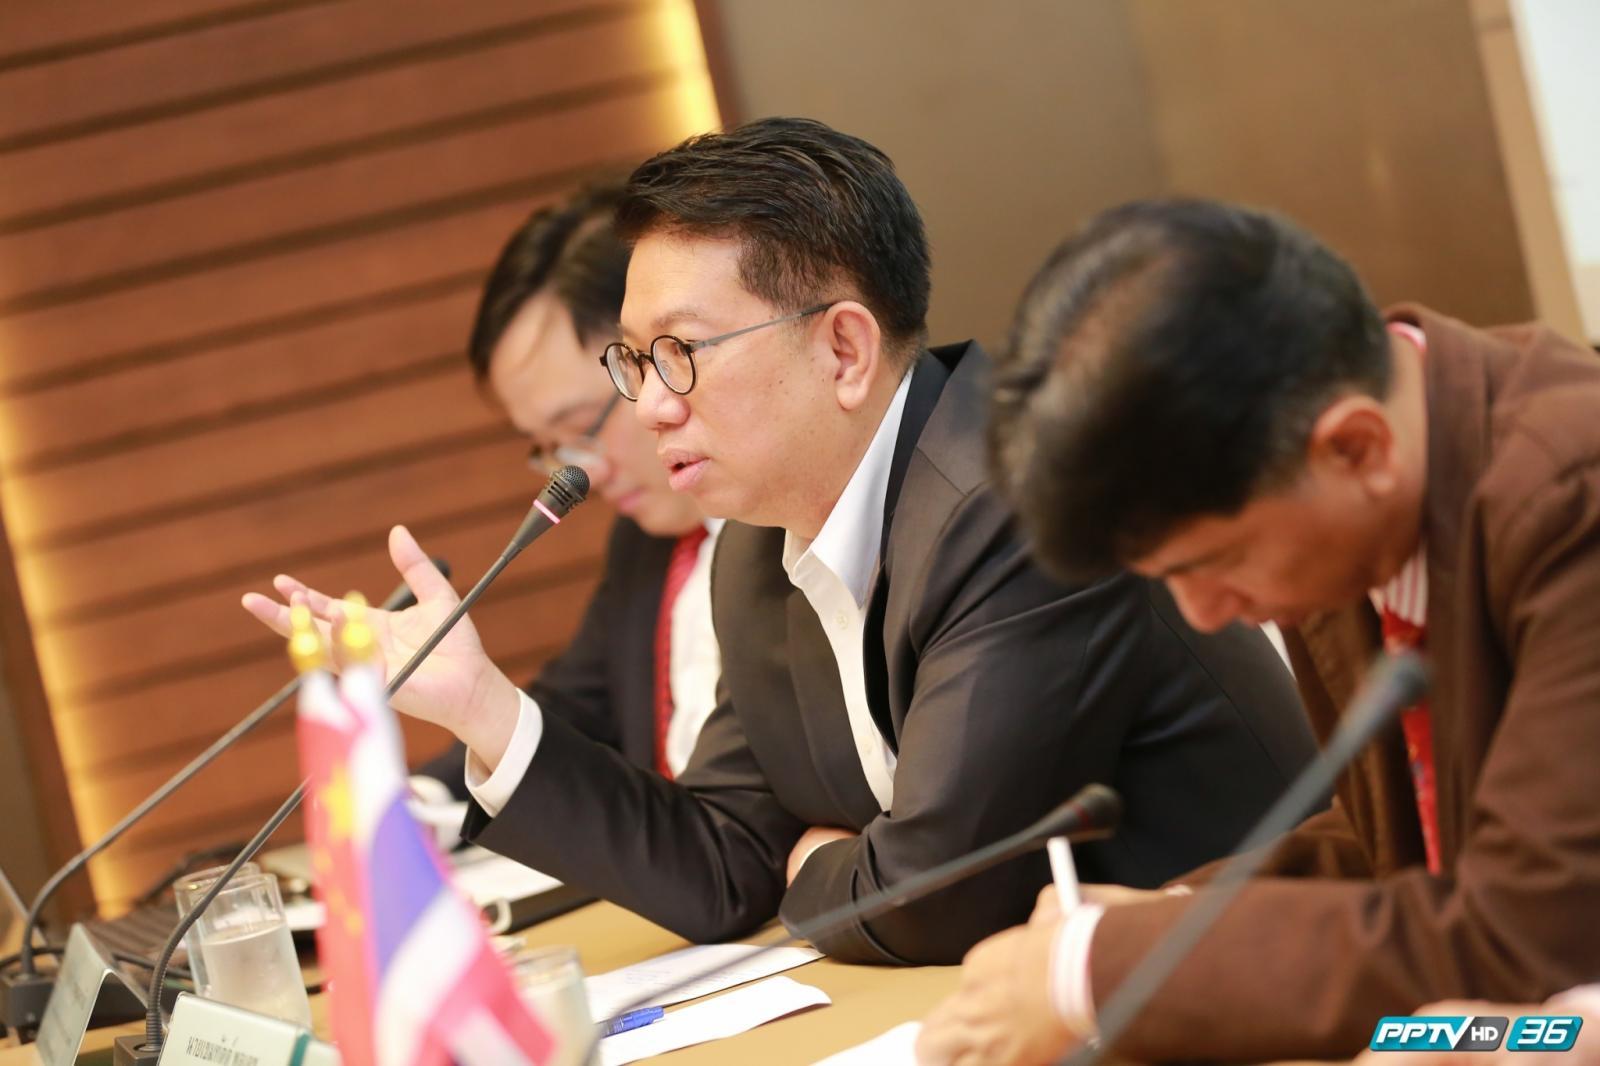 ธุรกิจบันเทิงจีน เดินหน้าเจาะตลาดไทย (คลิป)